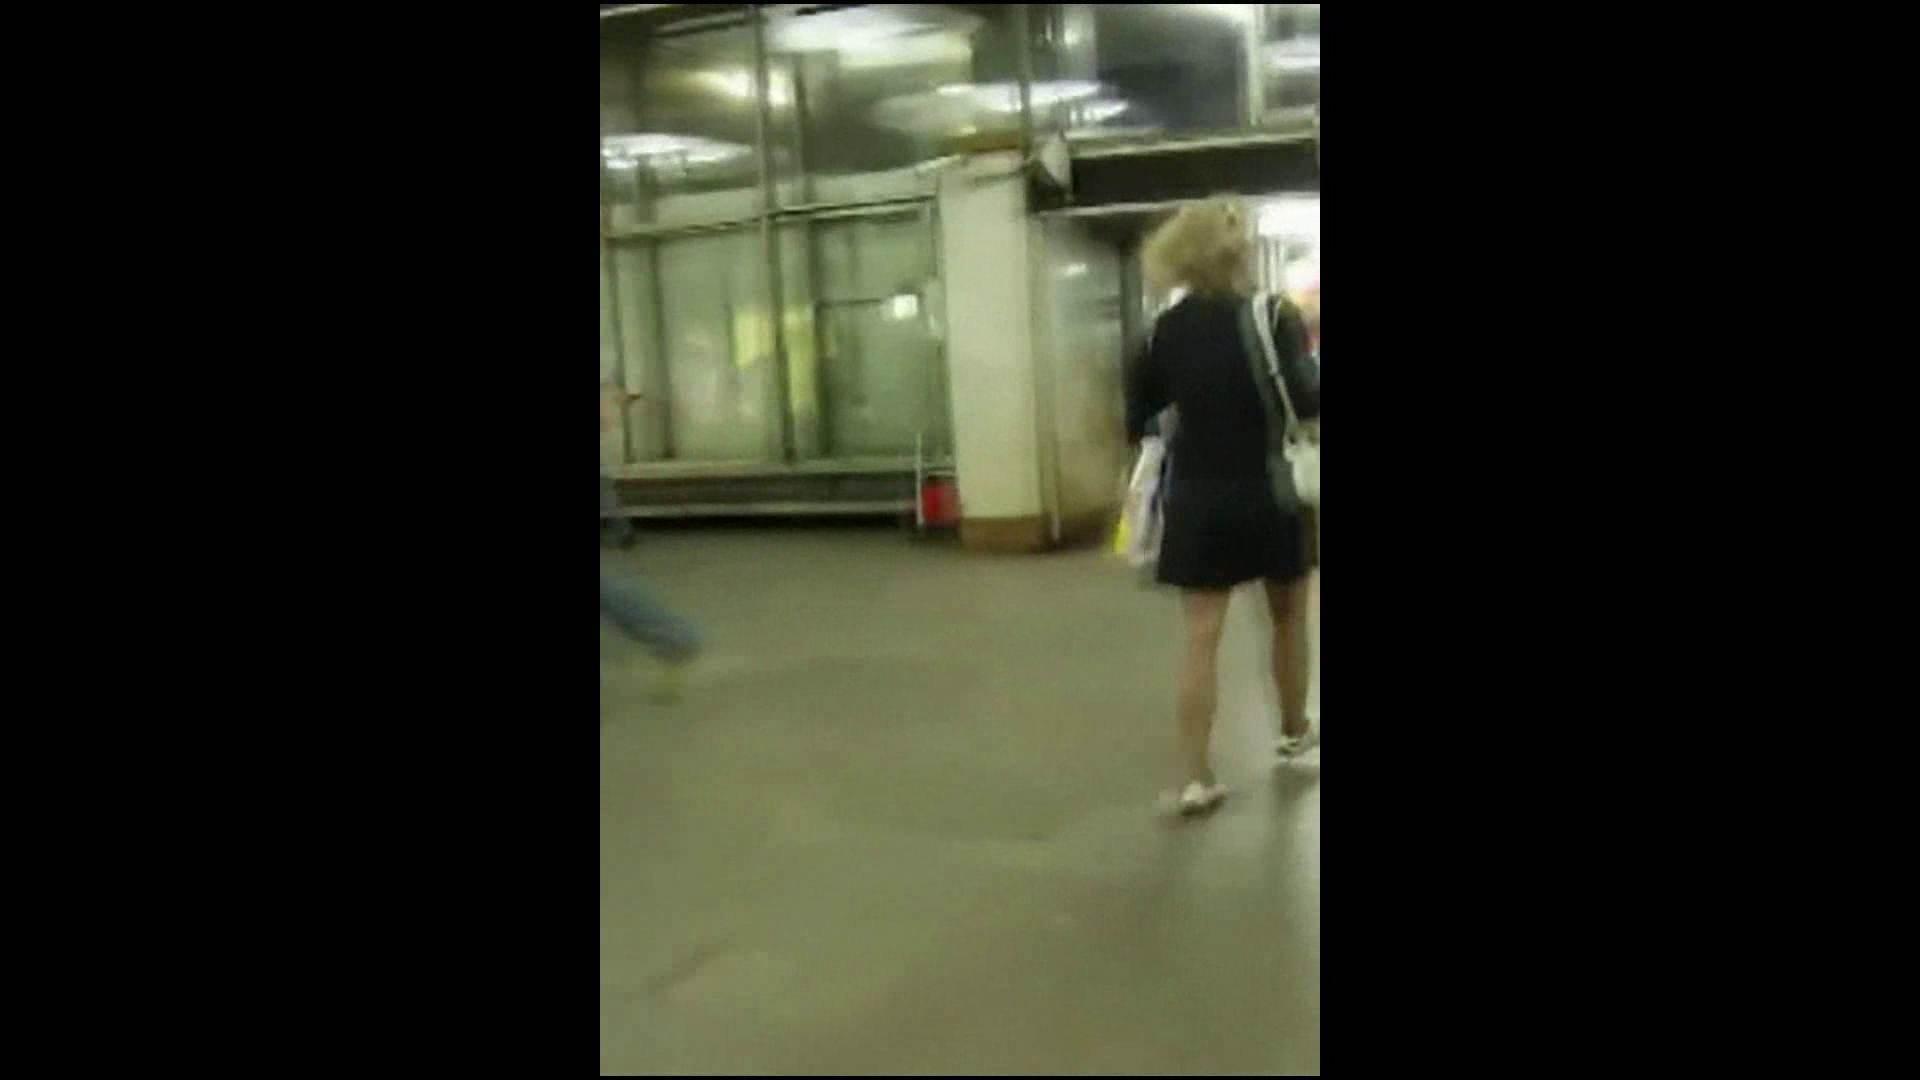 綺麗なモデルさんのスカート捲っちゃおう‼vol01 お姉さん   モデル  95連発 91